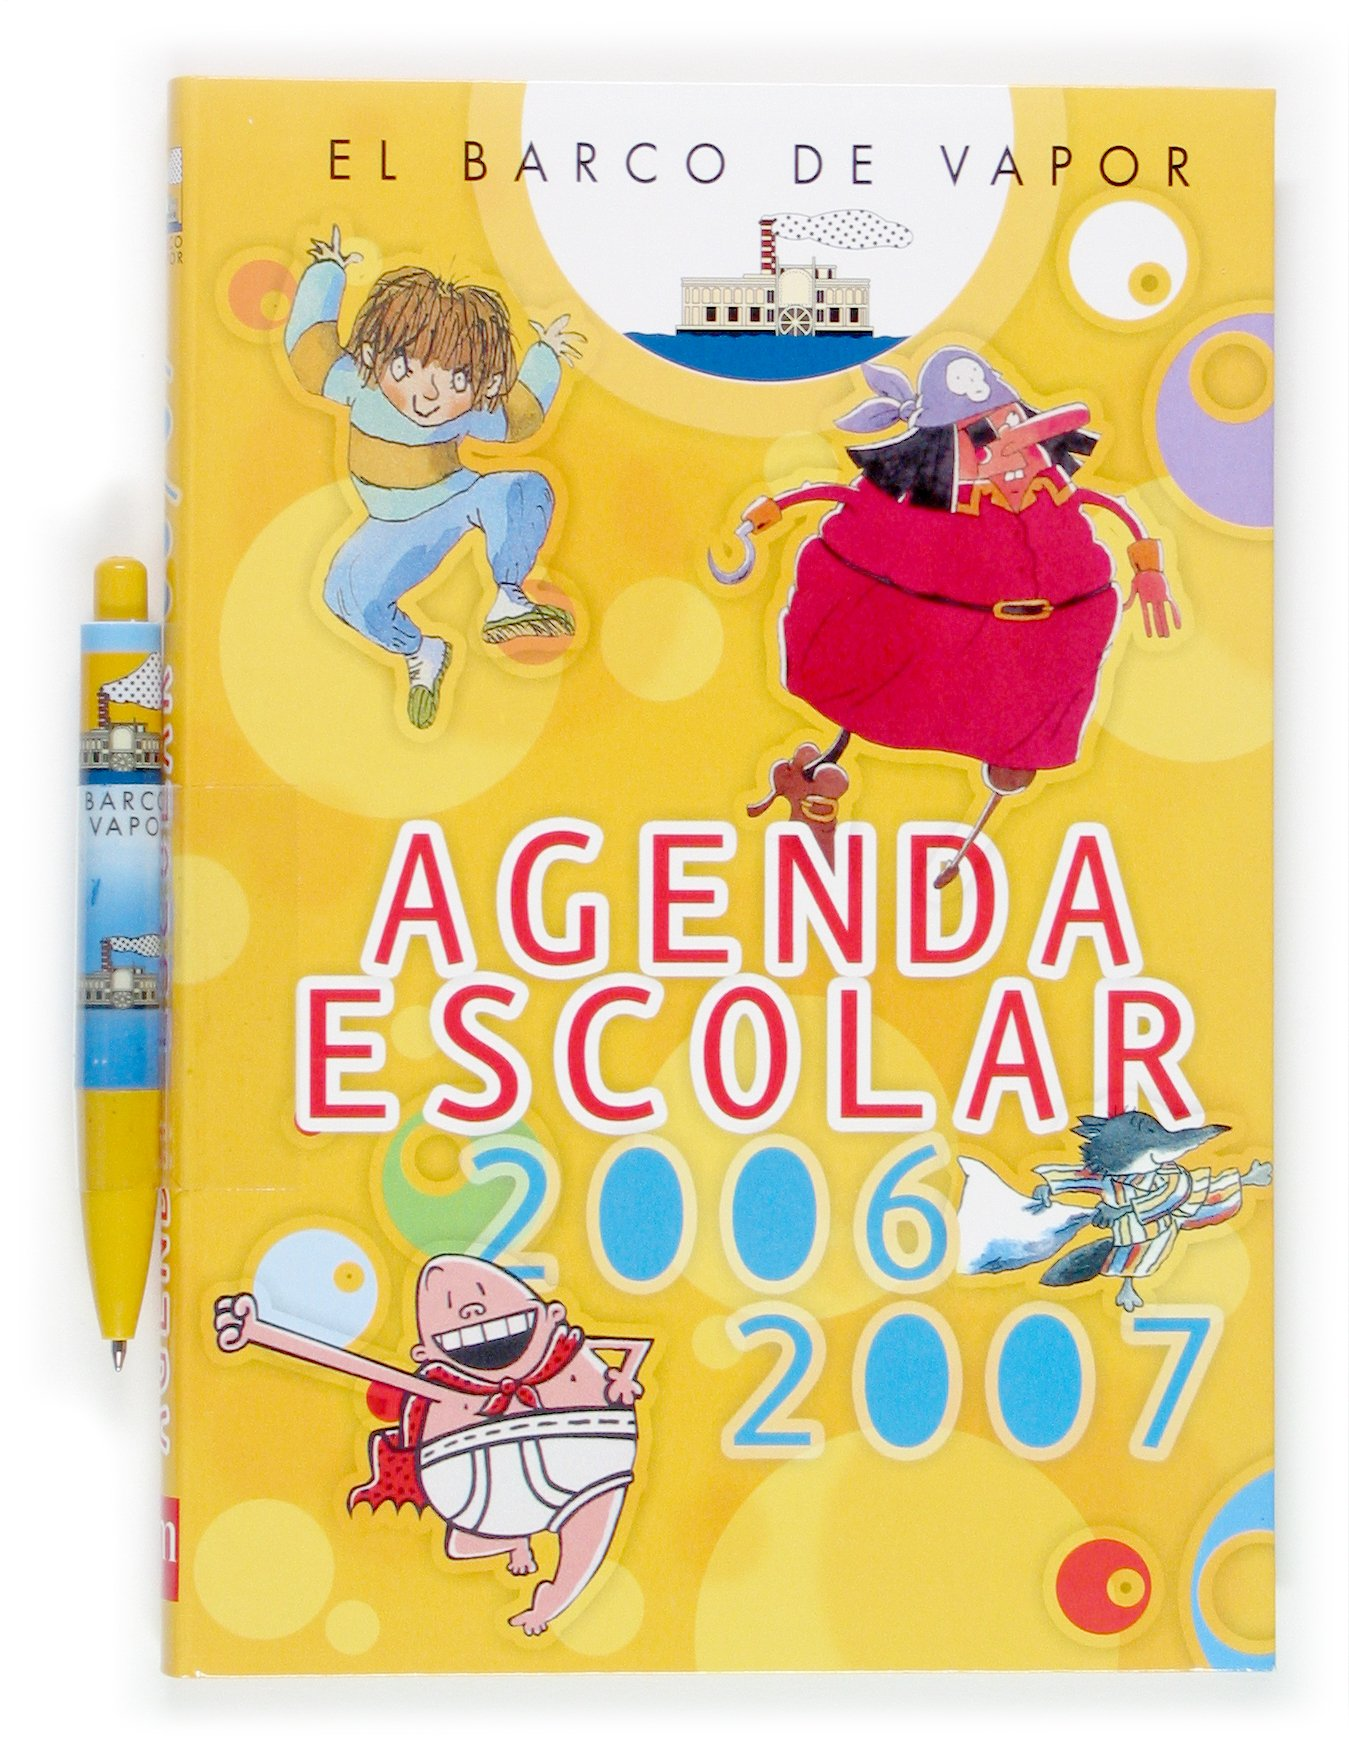 Agenda Escolar 06/07 El Barco de Vapor: 9788467509175 ...